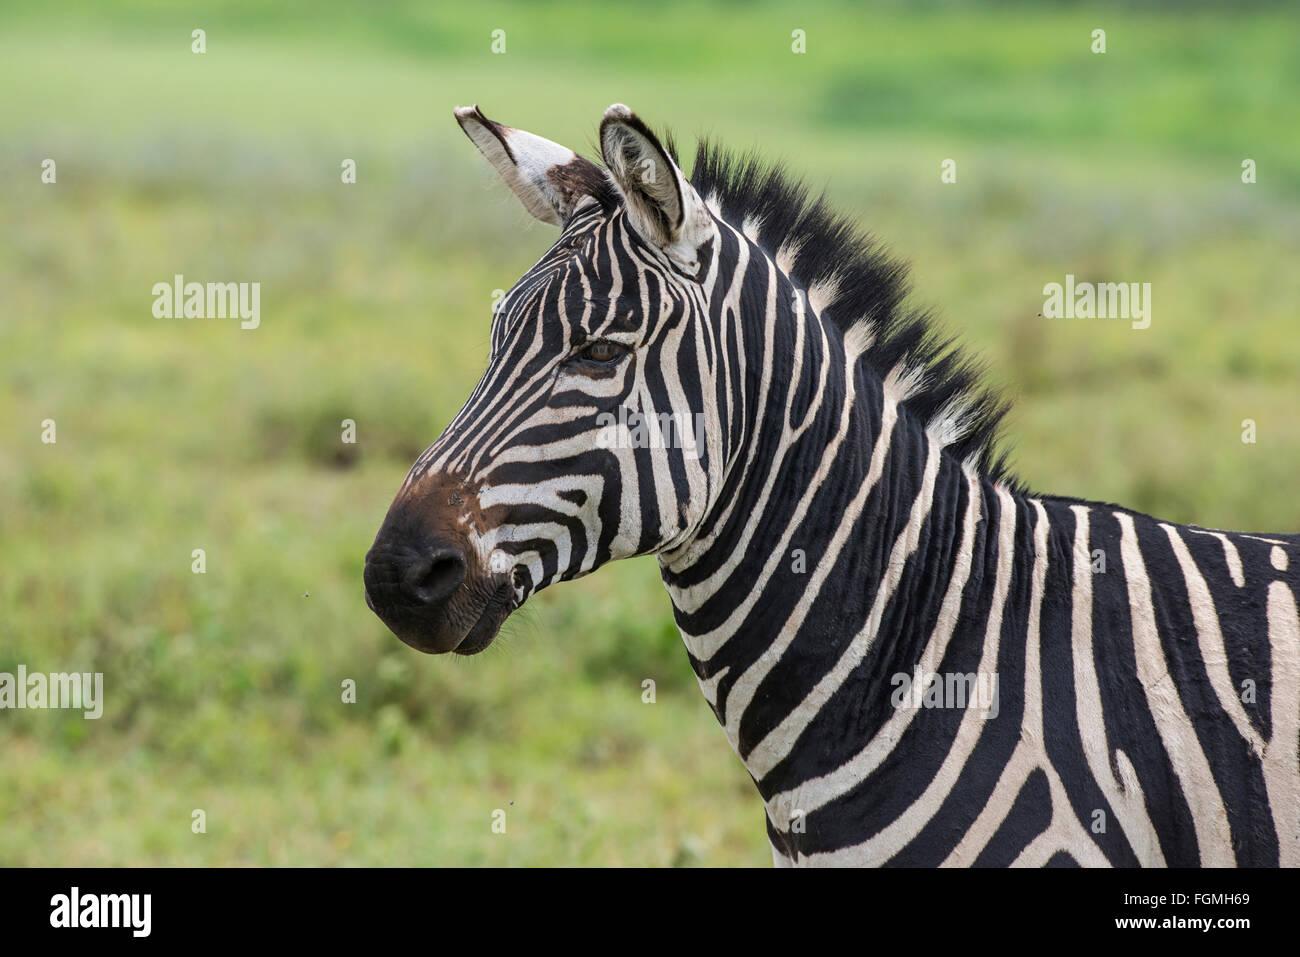 Chef de plaine ou le zèbre de Burchell (Equus quagga), le cratère du Ngorongoro, en Tanzanie. Photo Stock